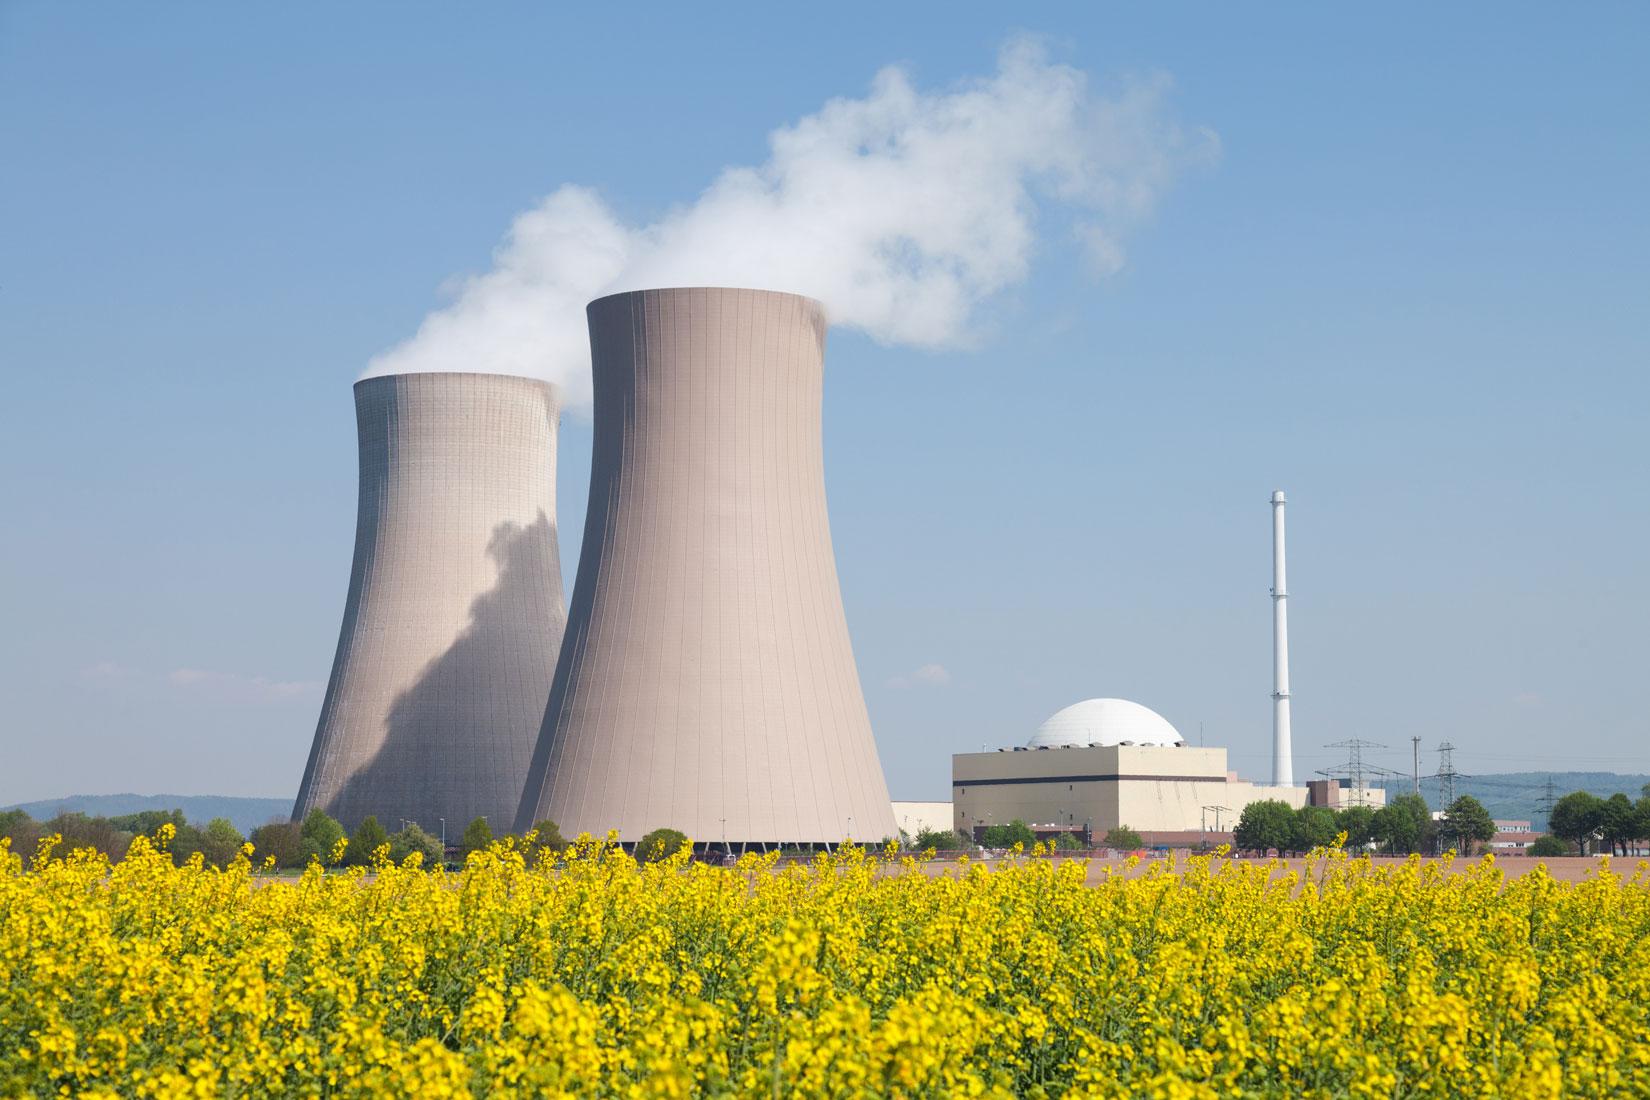 福島原発事故10周年を迎えてー原子力技術の維持のため核不拡散への貢献を